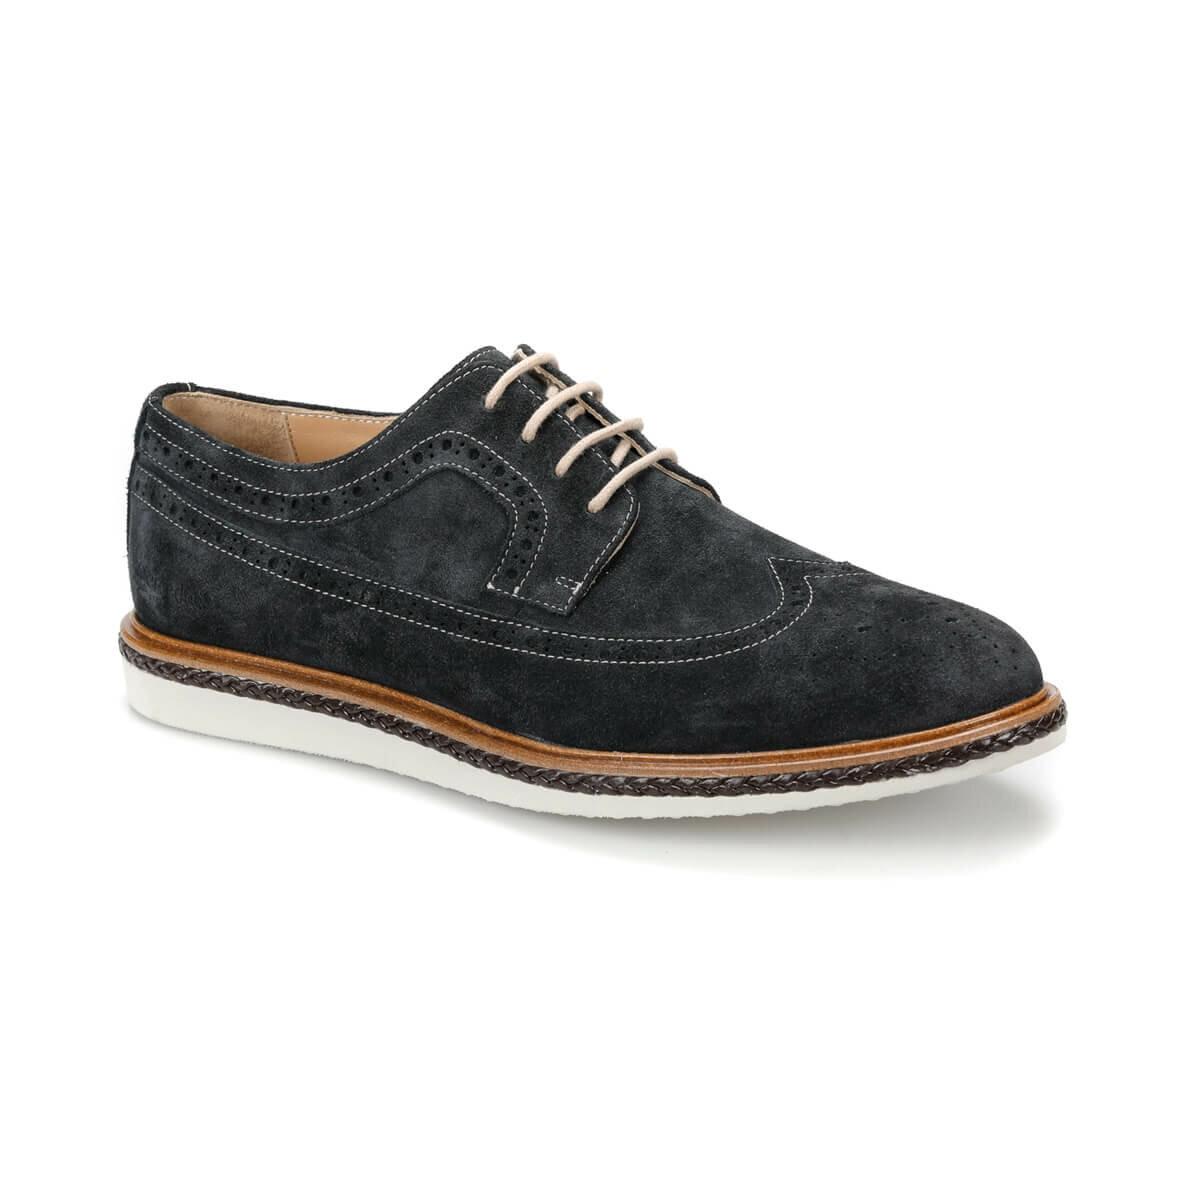 FLO DIBA Navy Blue Men 'S Classic Shoes MERCEDES